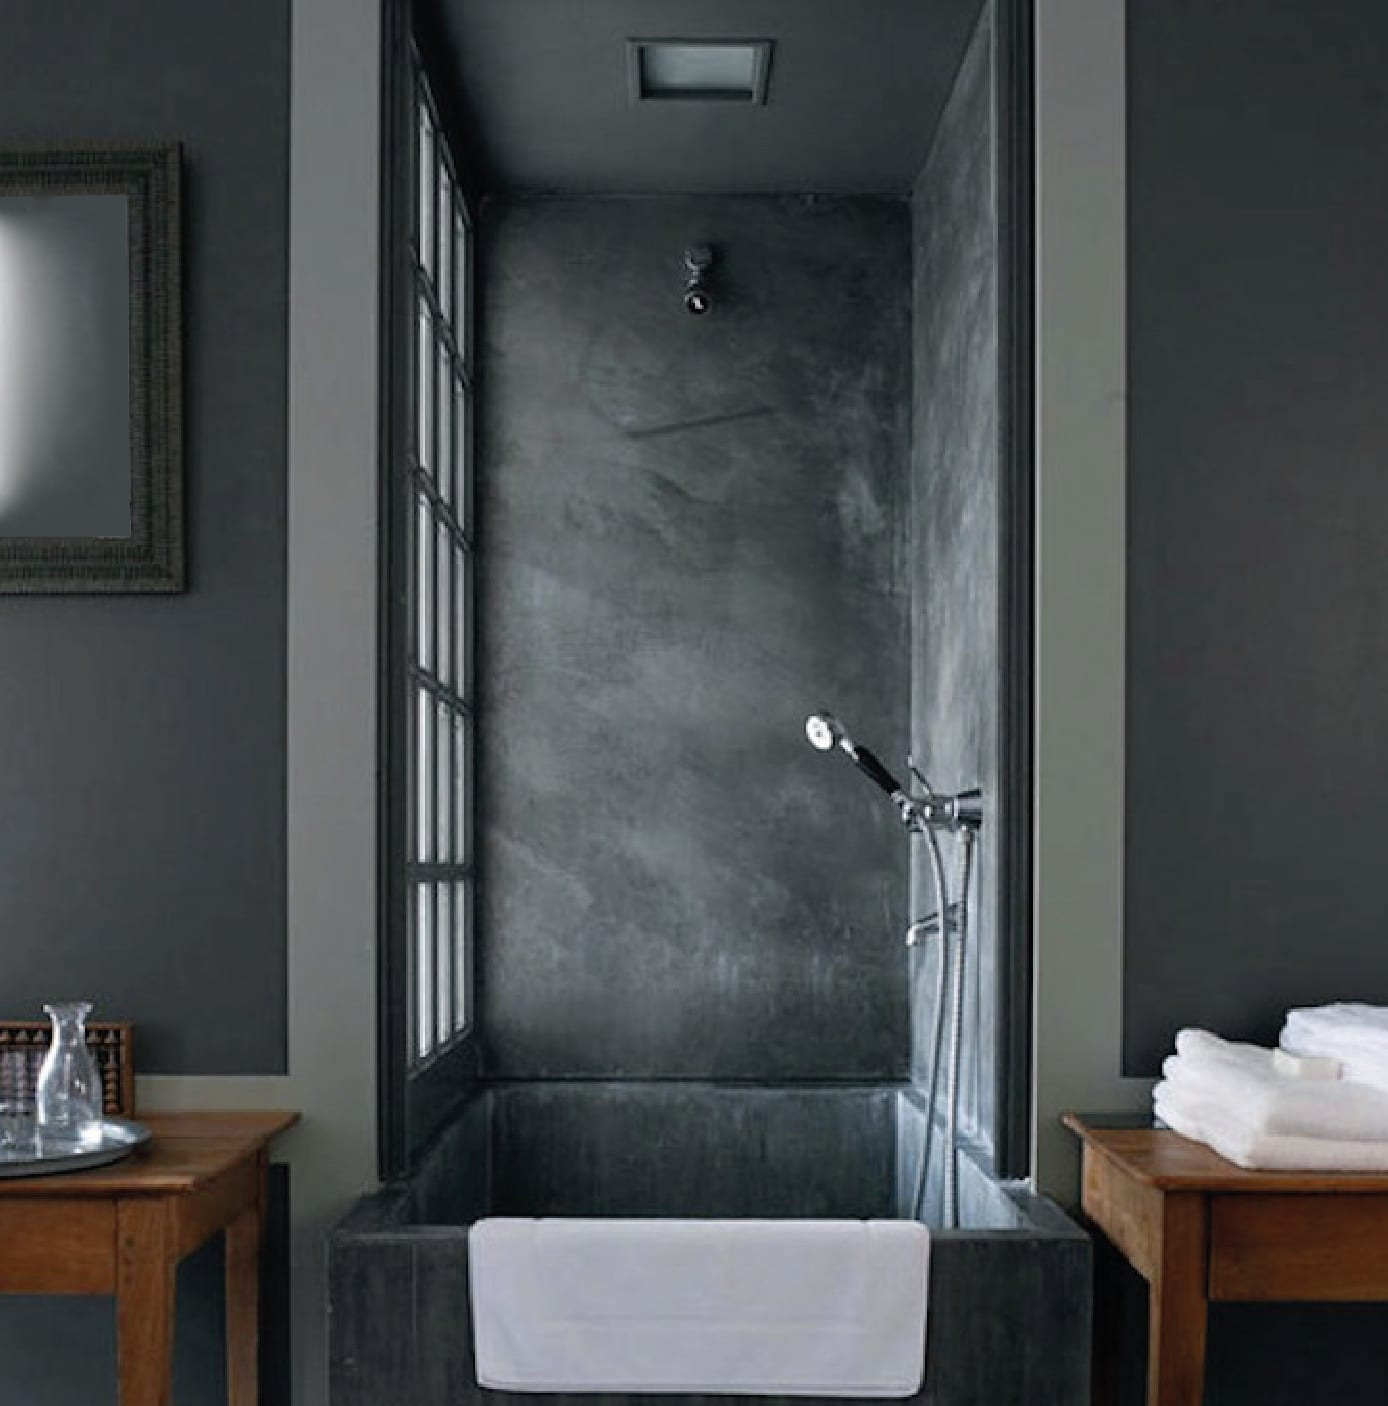 badezimmer grau als idee badezimmer klein - fresHouse